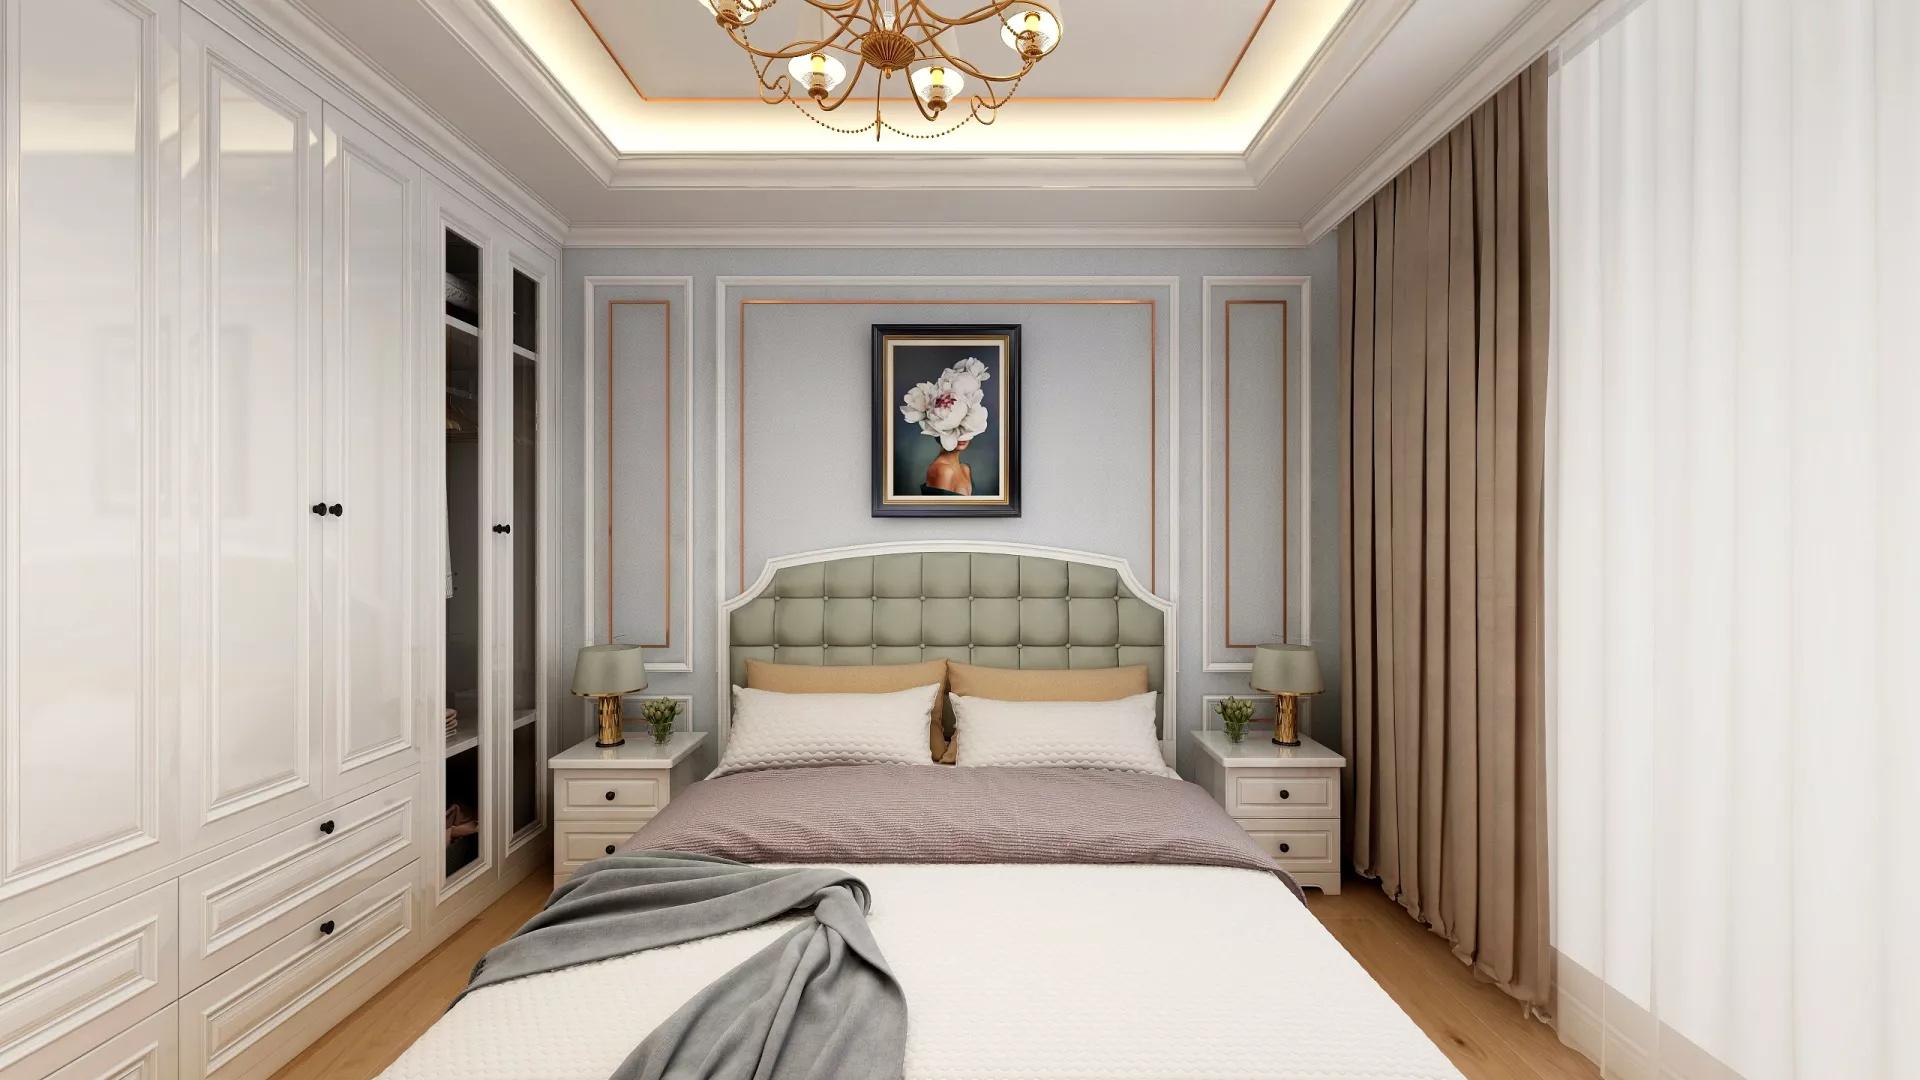 卧室装修中用哪种颜色装修好呢